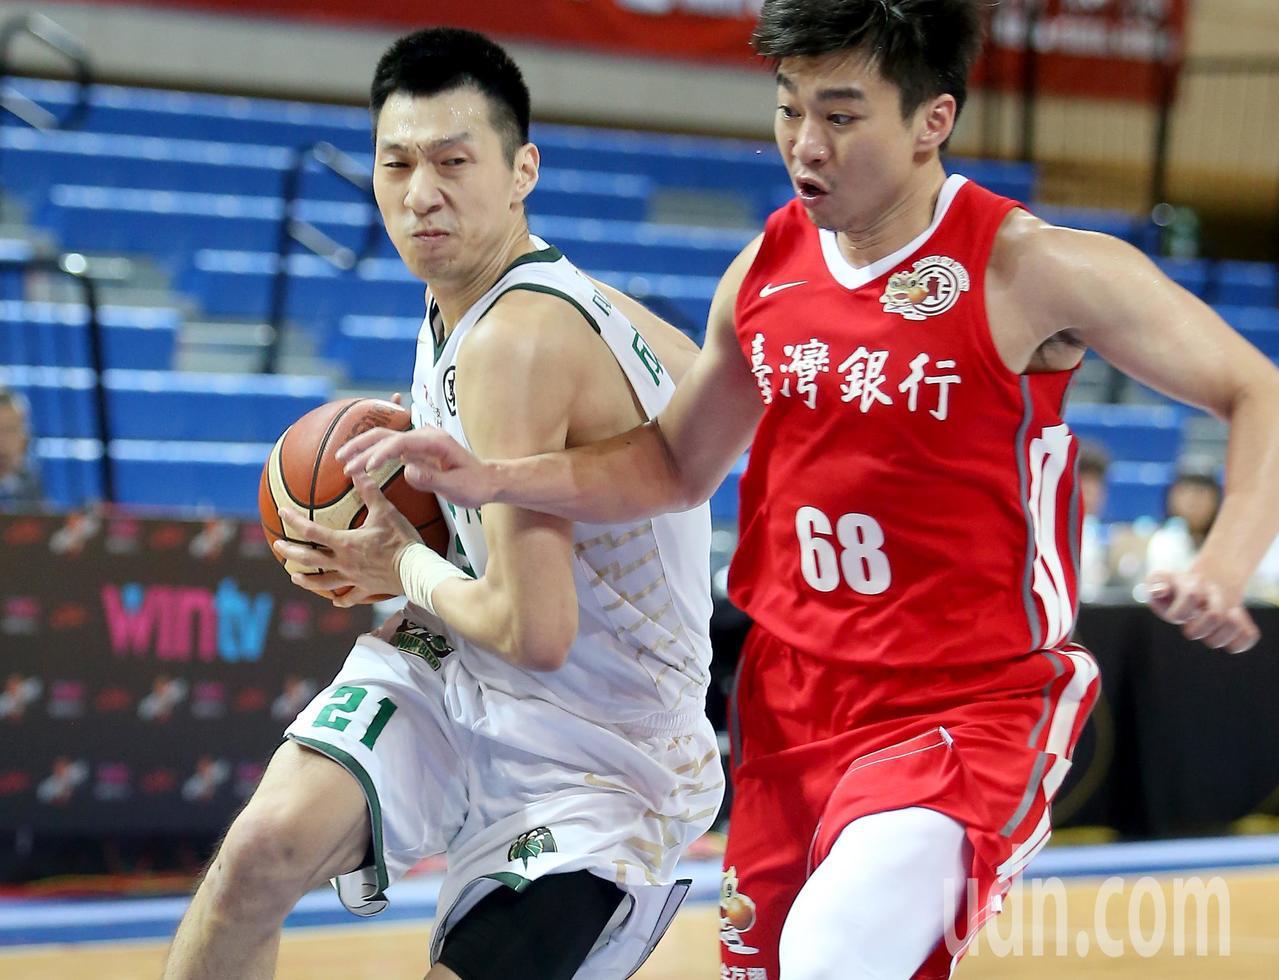 台啤成力煥(左)替補上場得到14分。記者余承翰/攝影